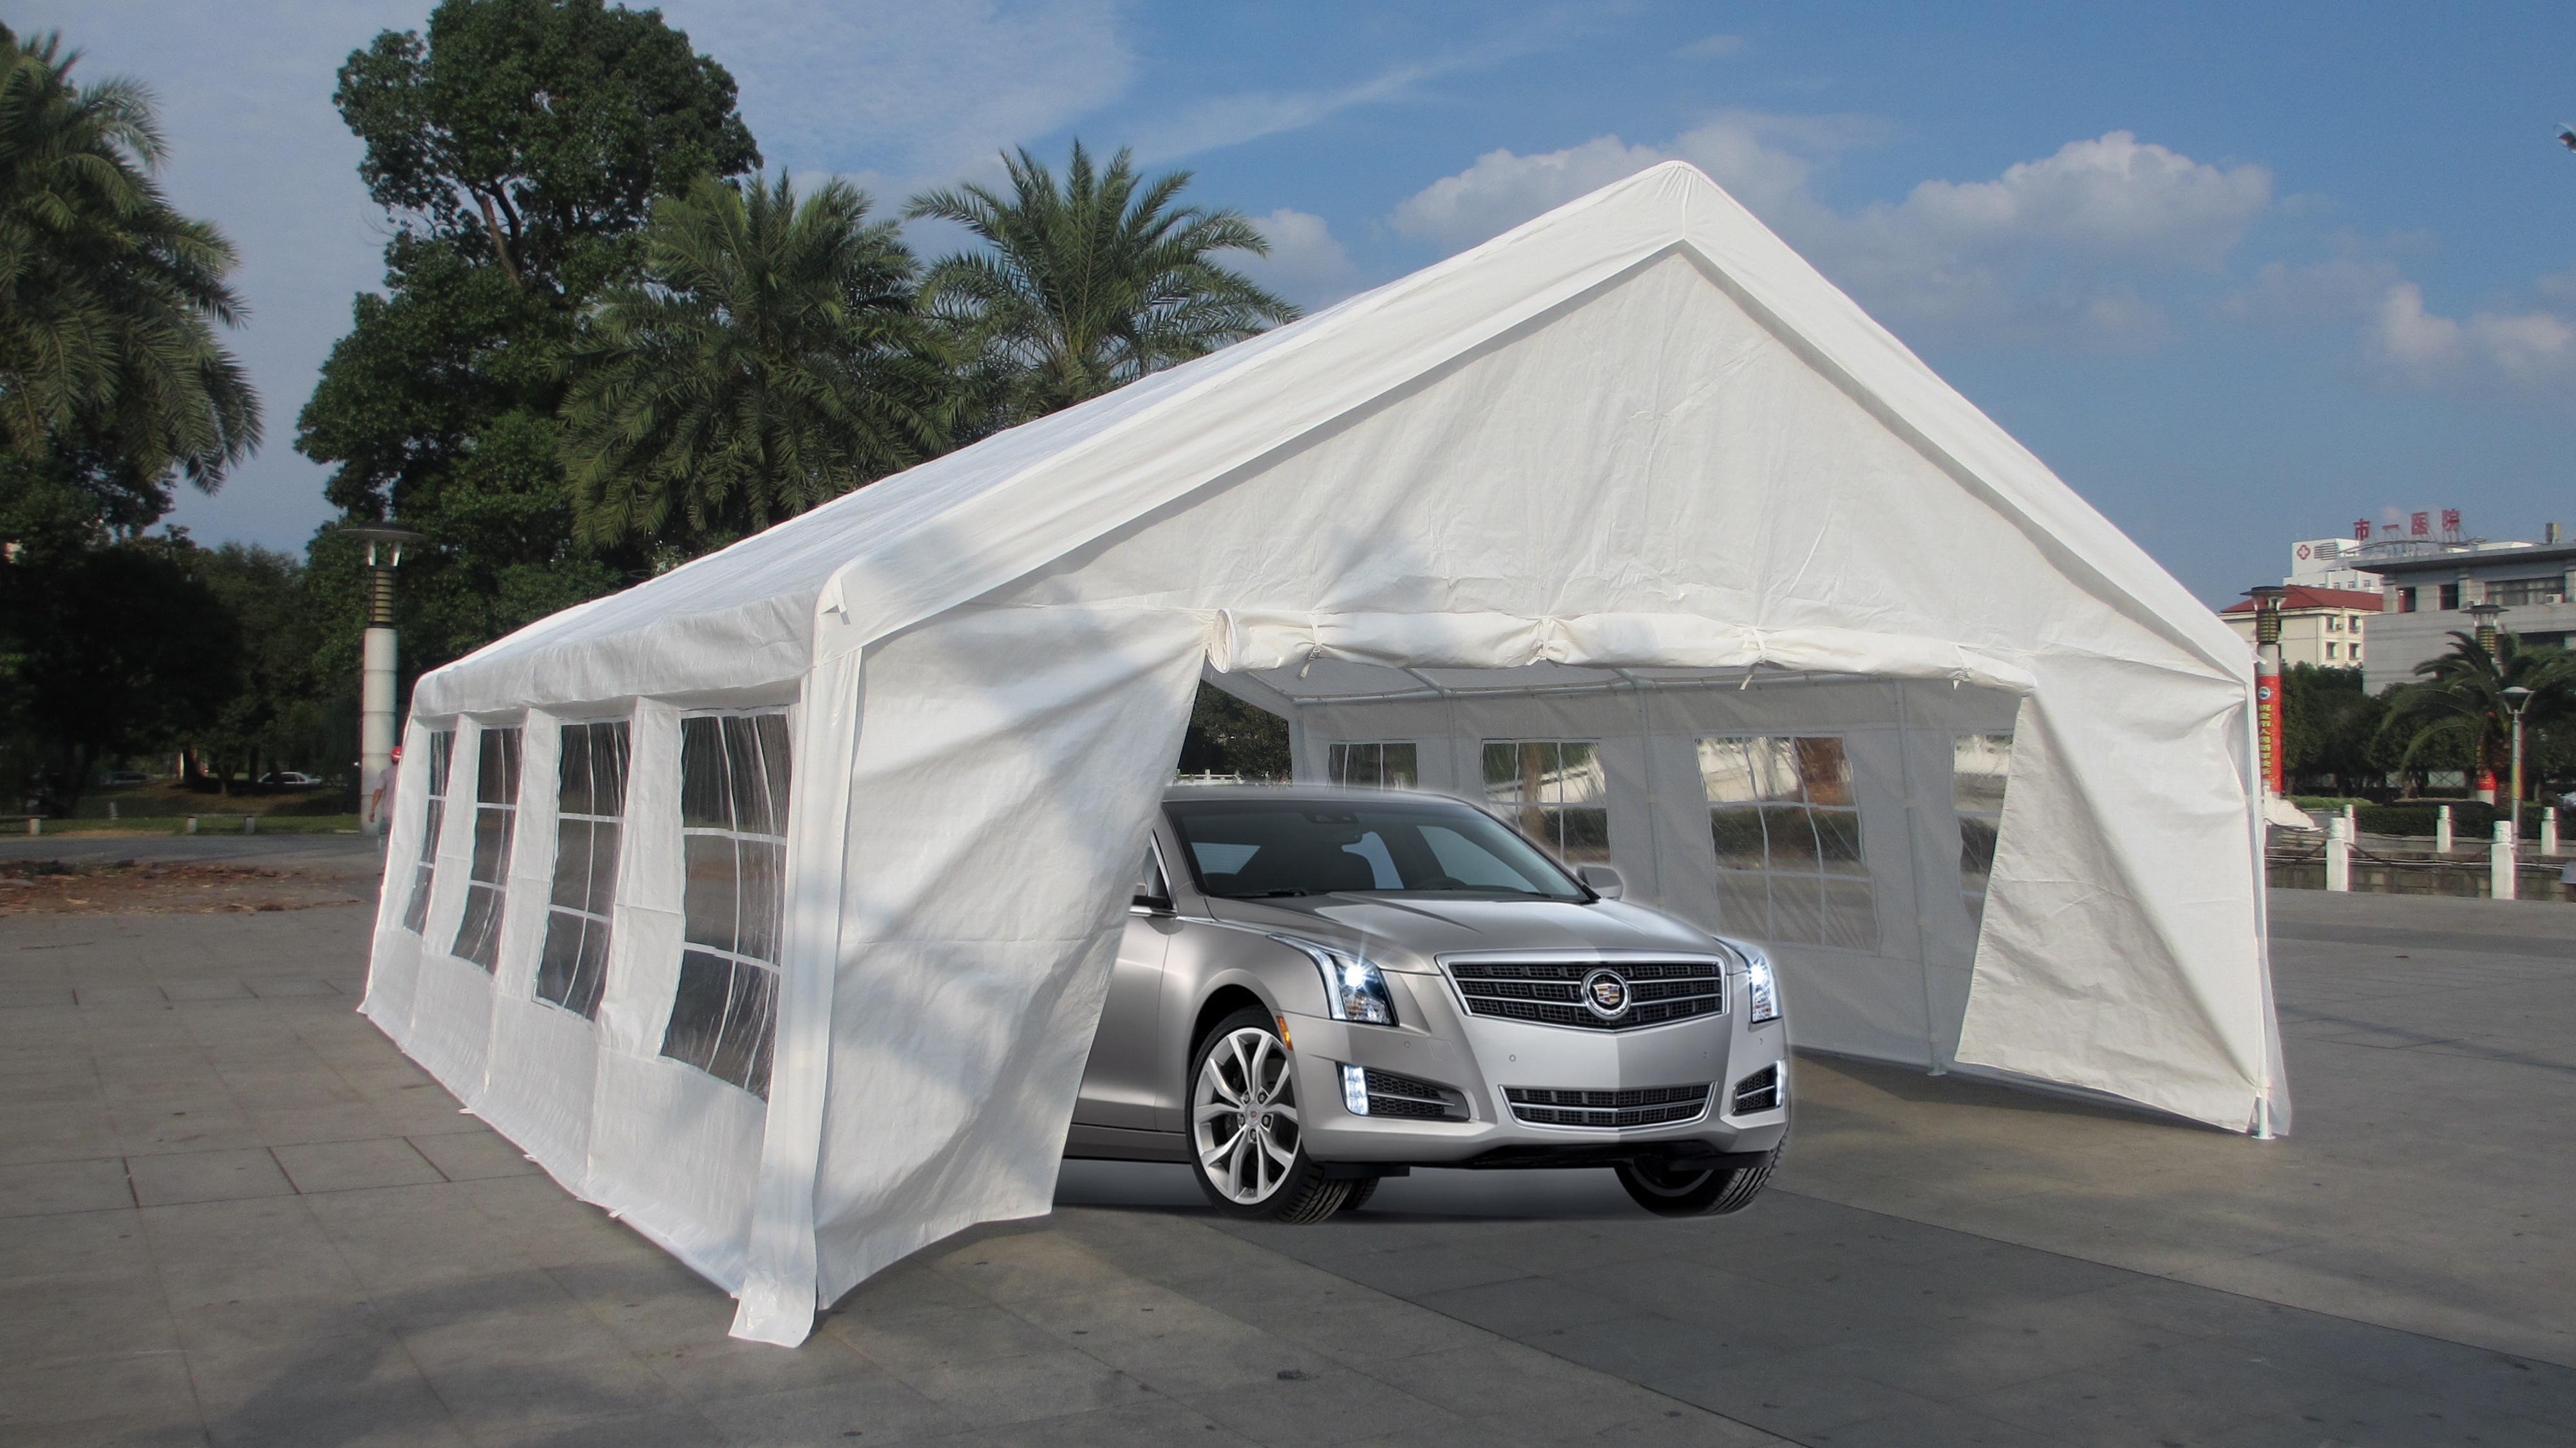 Canopy Car Tent : Mcombo white heavy duty carport party tent canopy